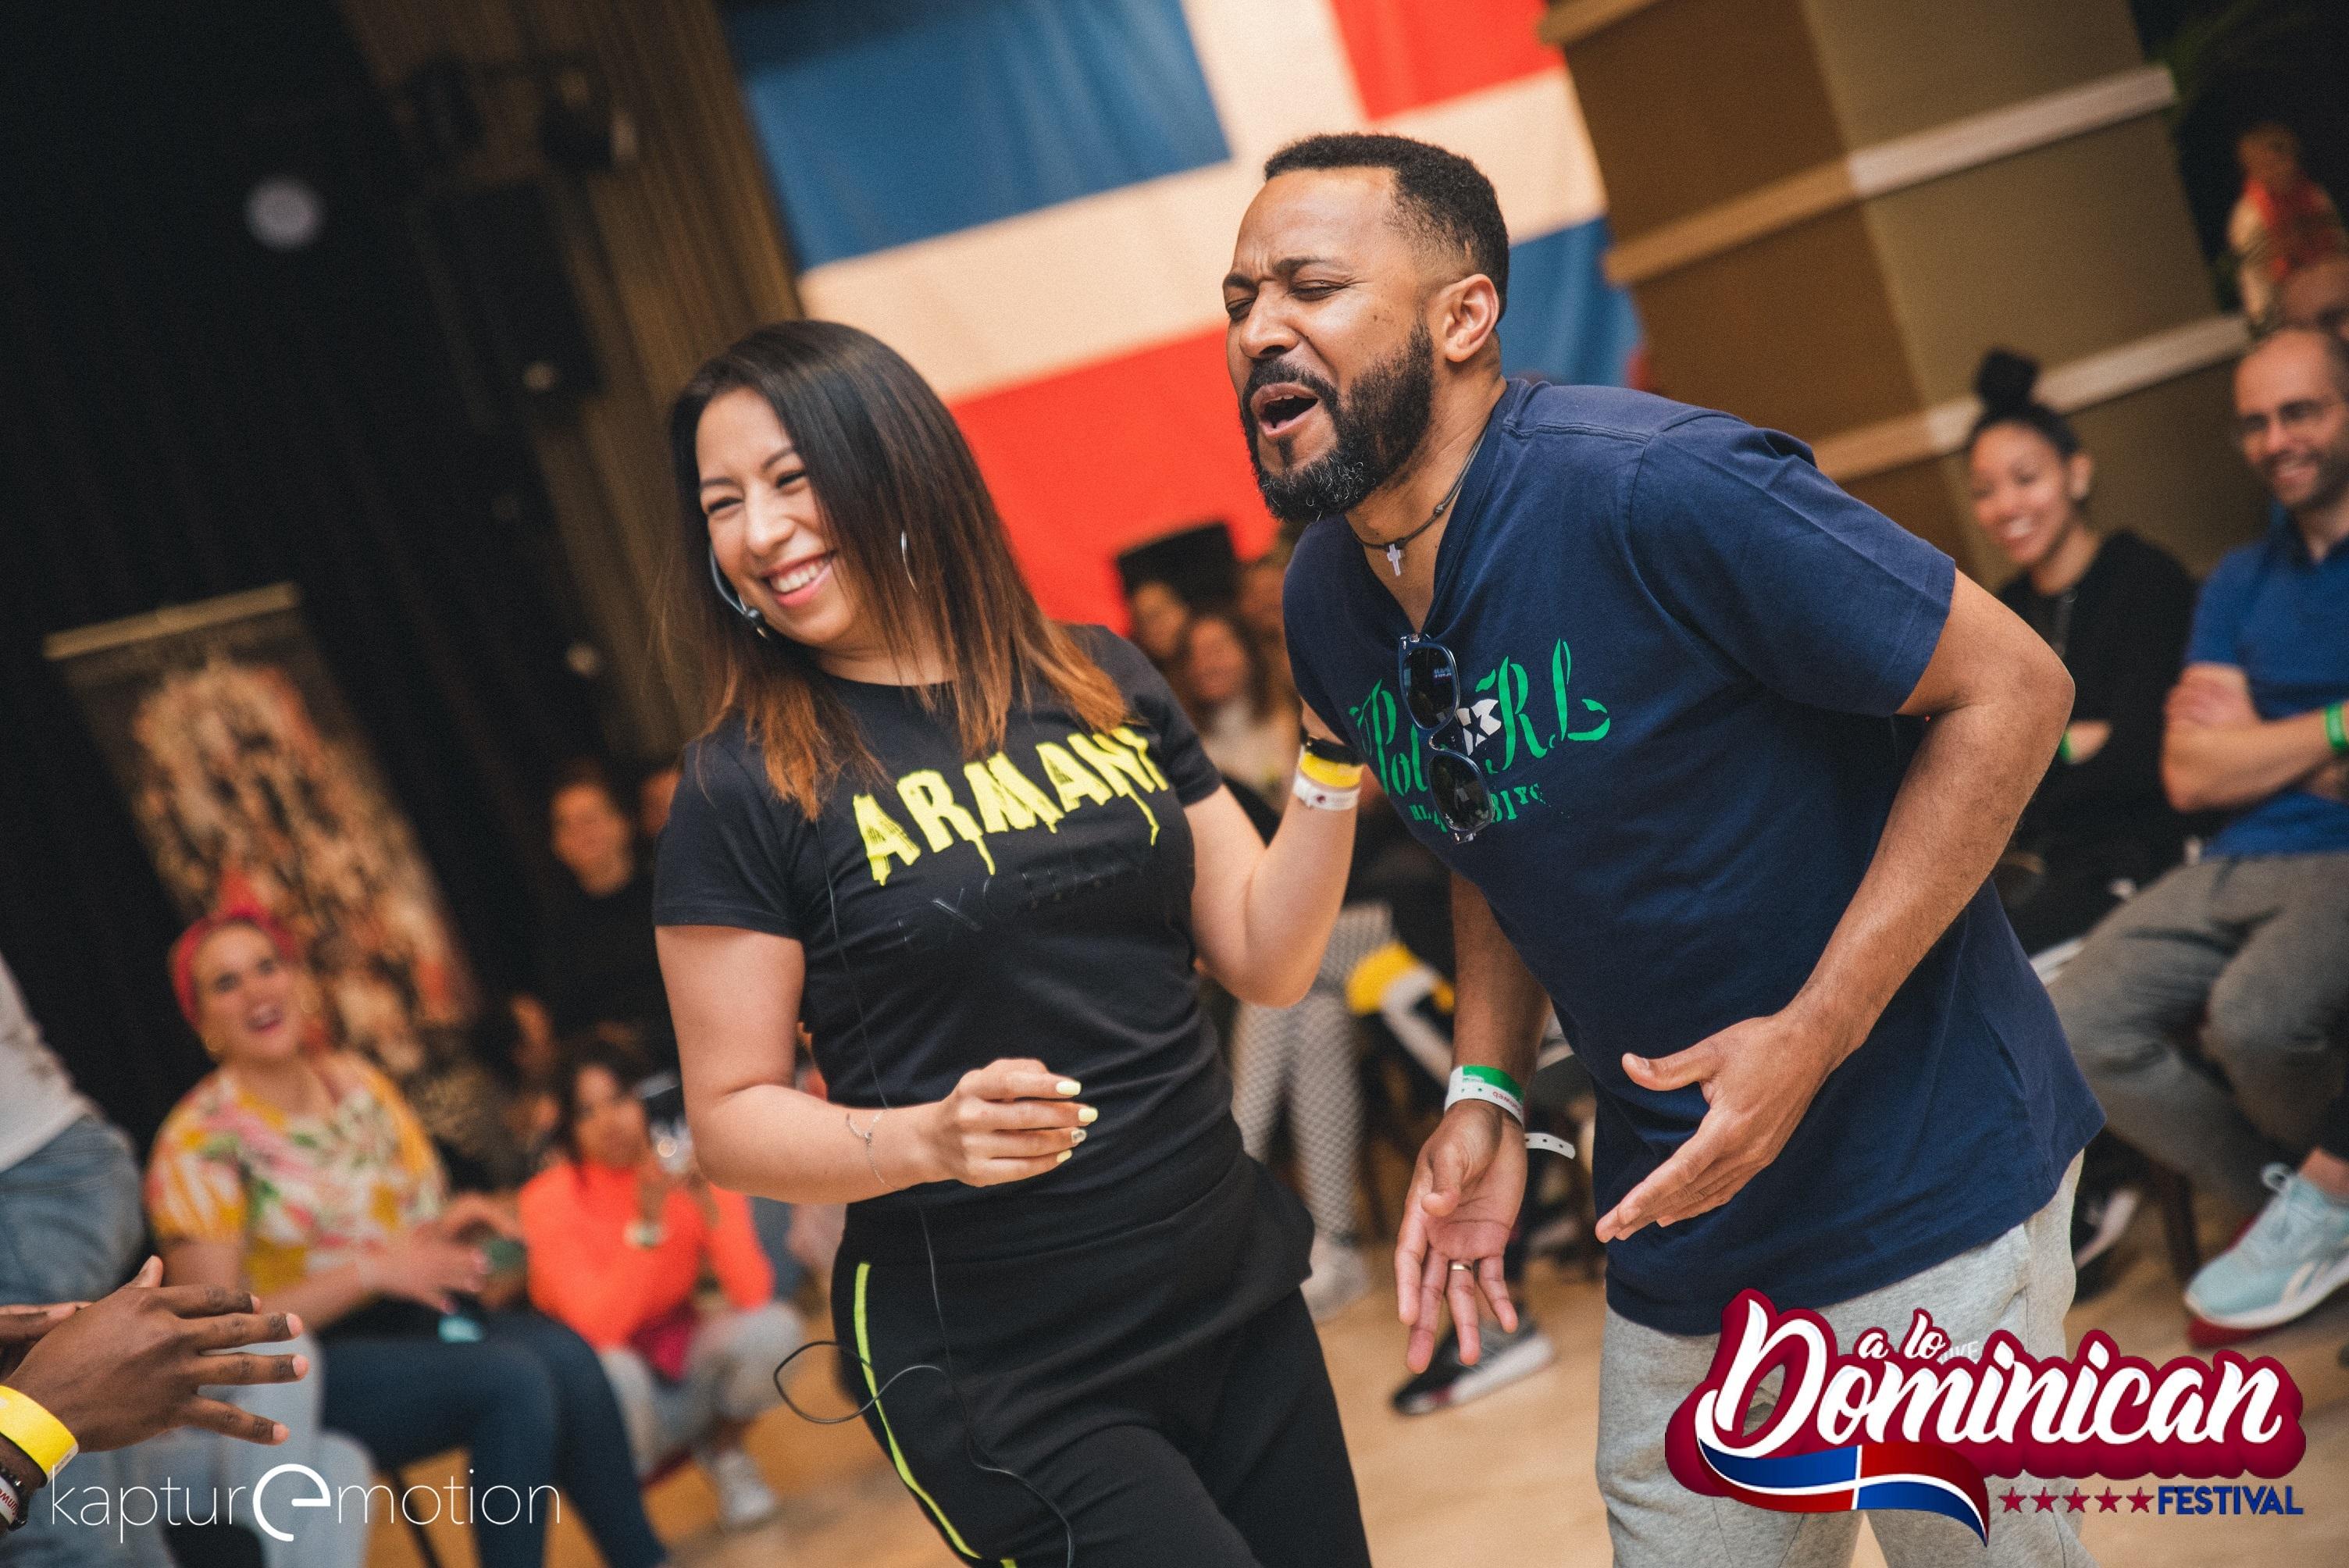 A Lo Dominican Festival 2021